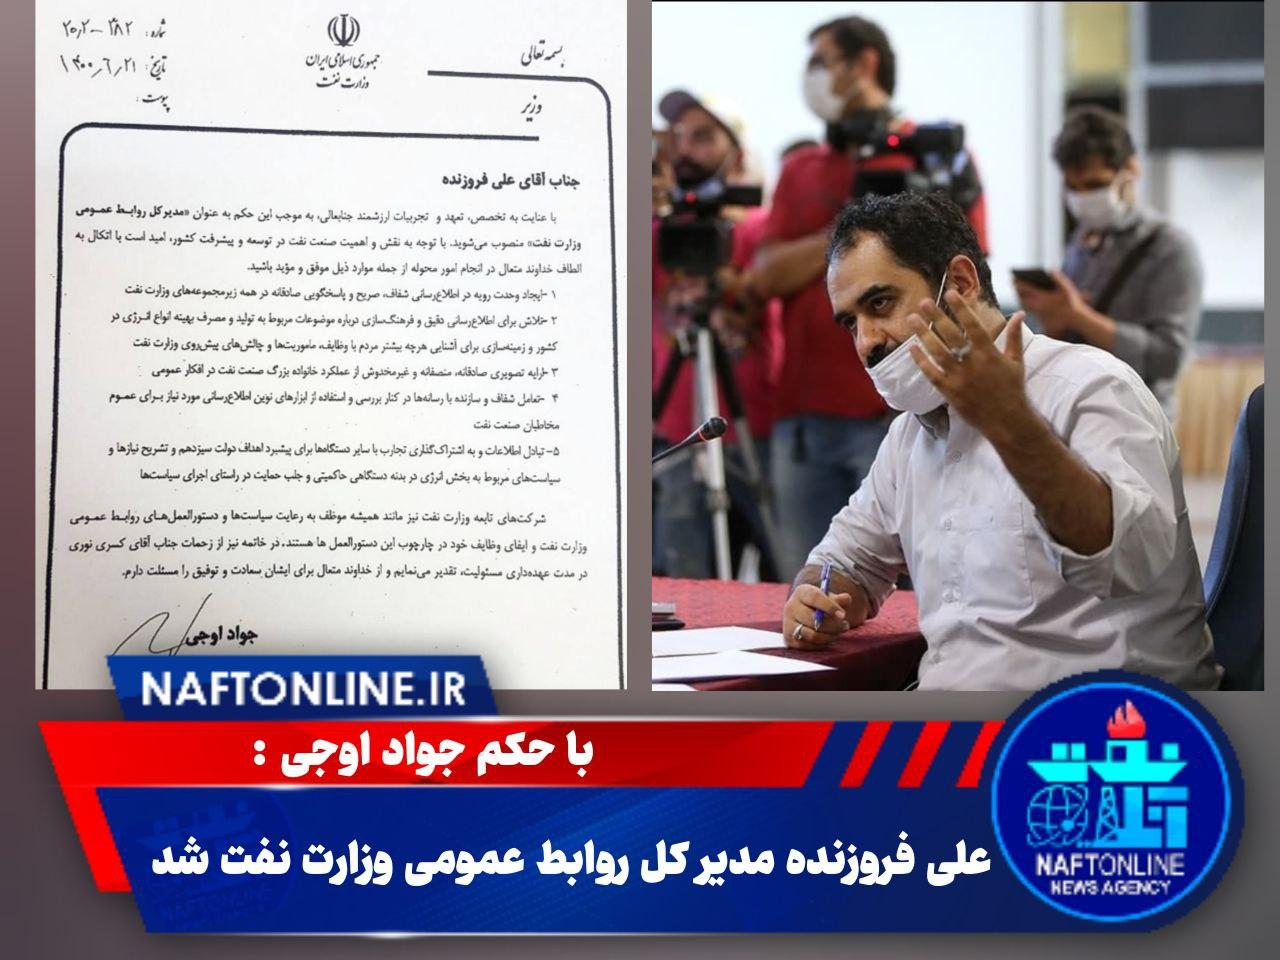 علی فروزنده   مدیر کل روابط عمومی وزارت نفت   نفت آنلاین